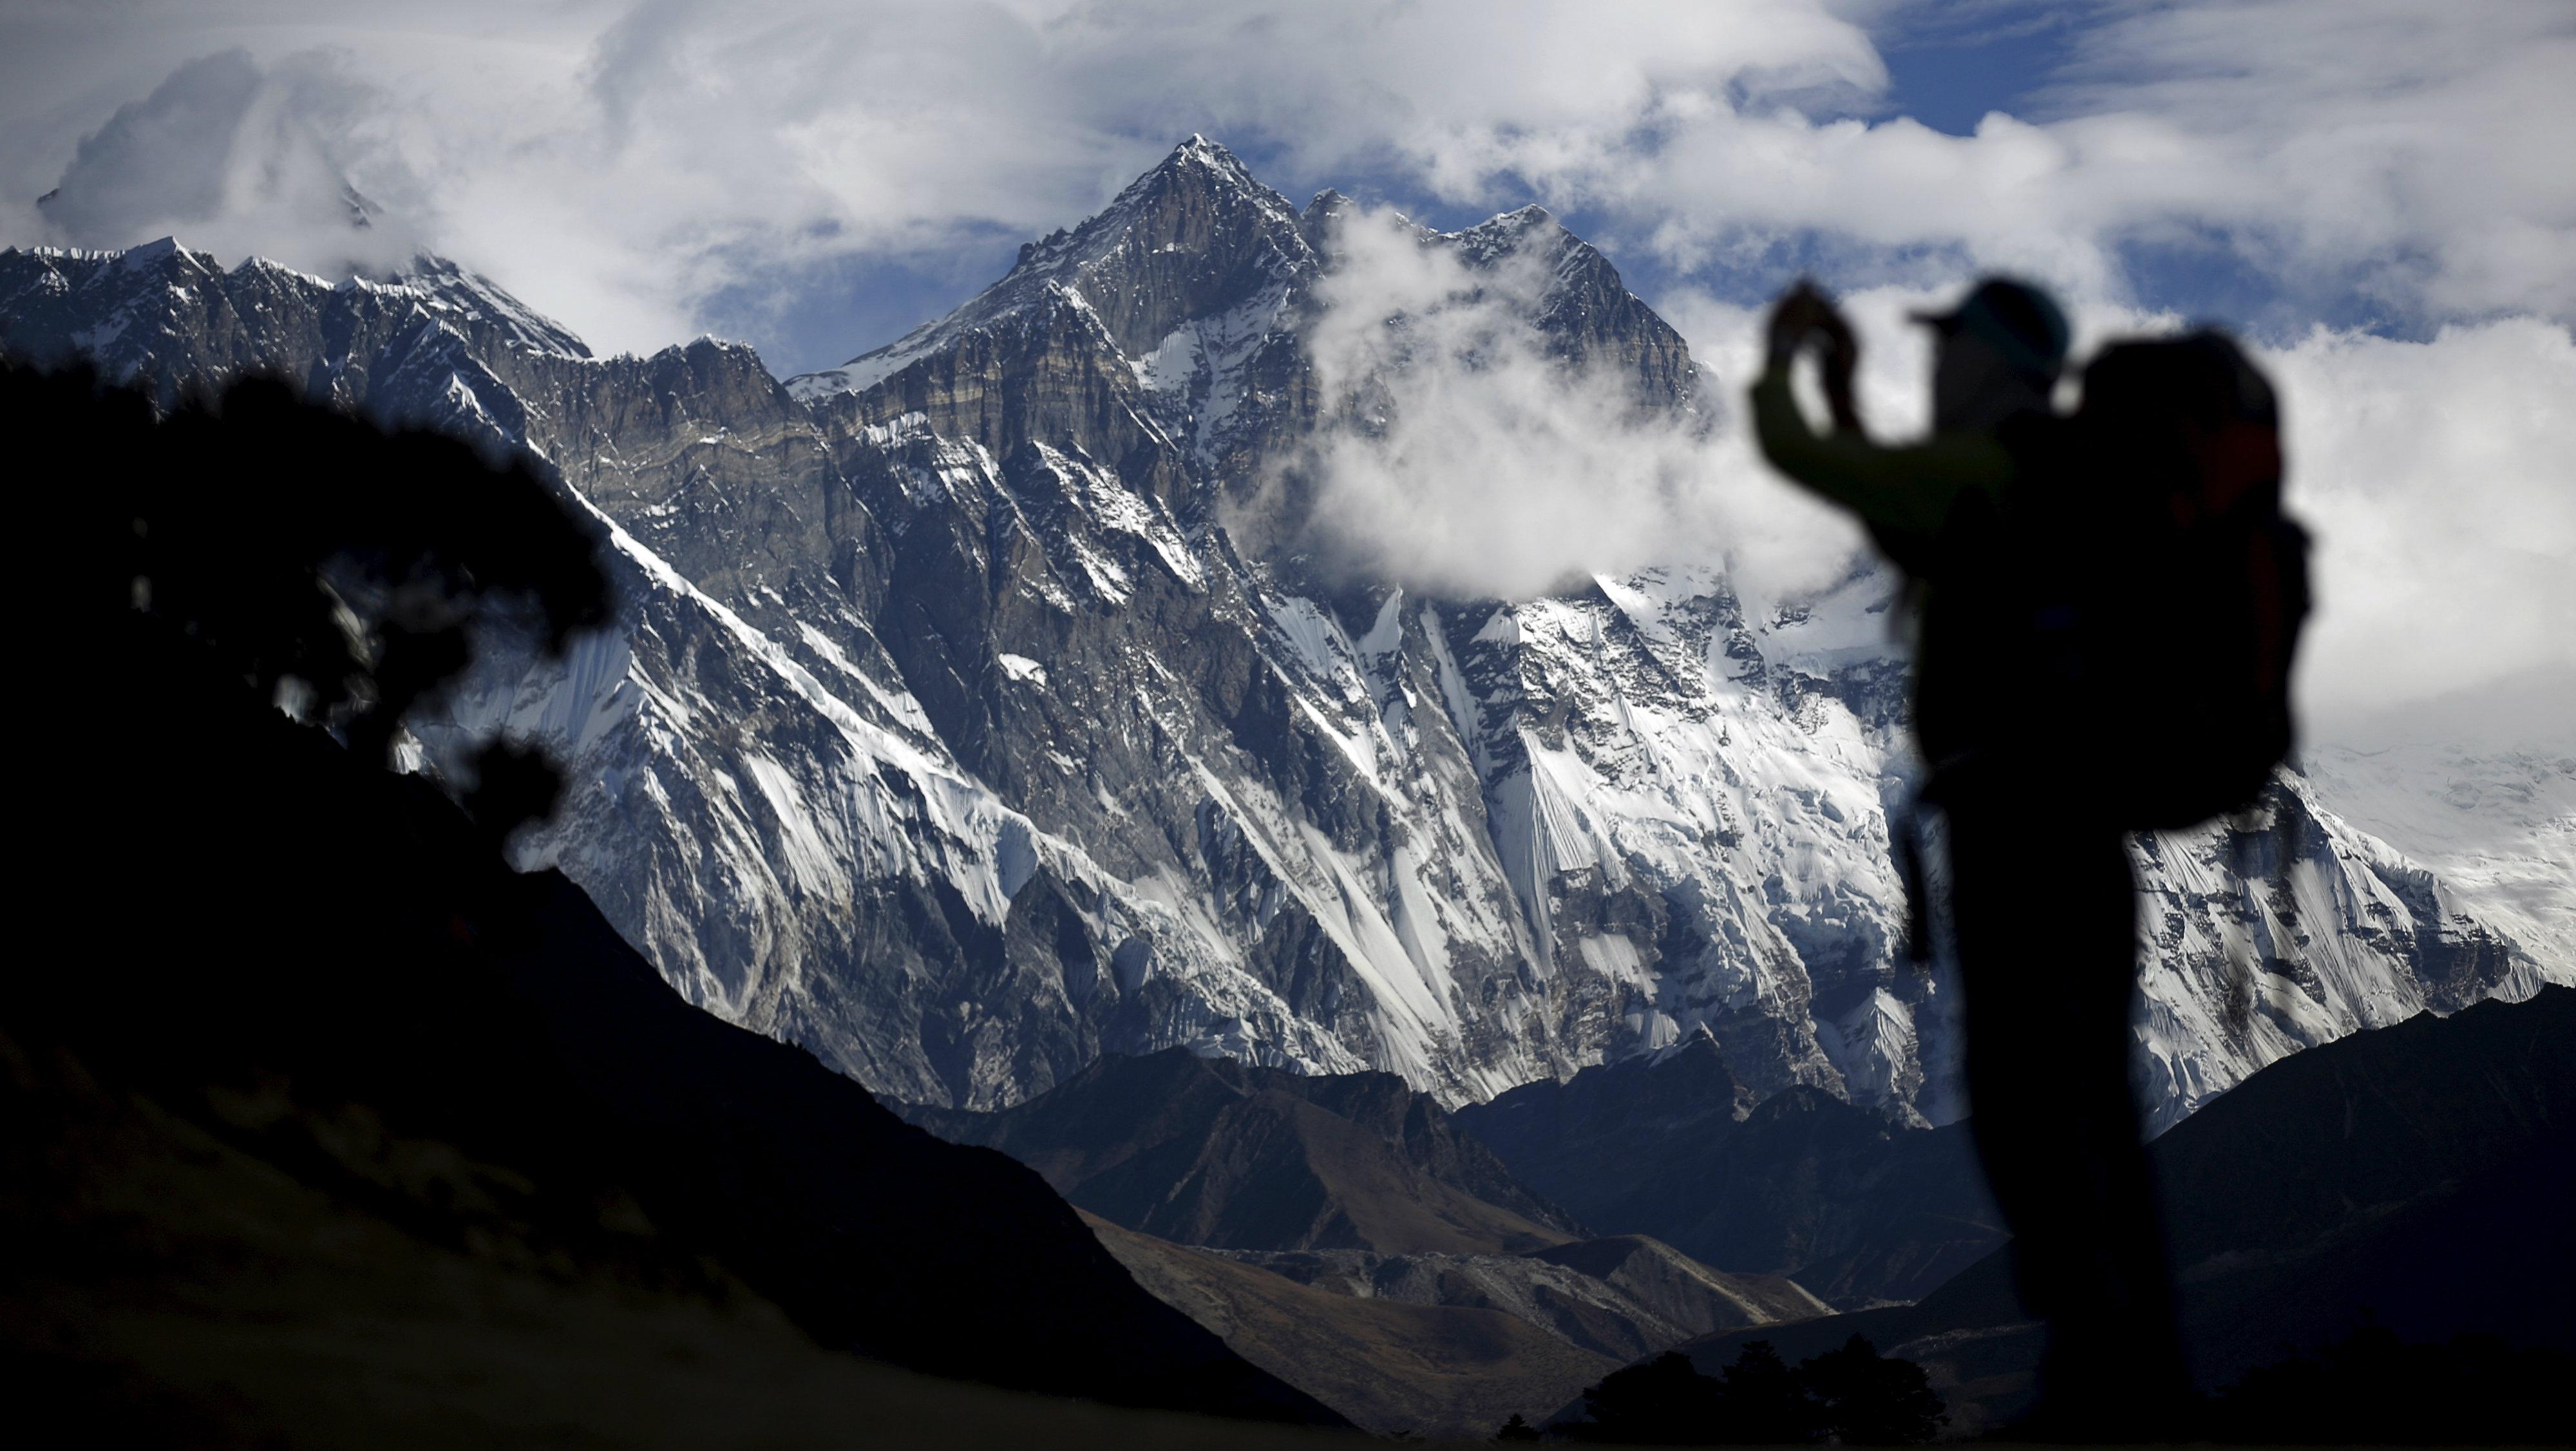 Mount-everest-trekking-mountain-fitness-health-lifestyle